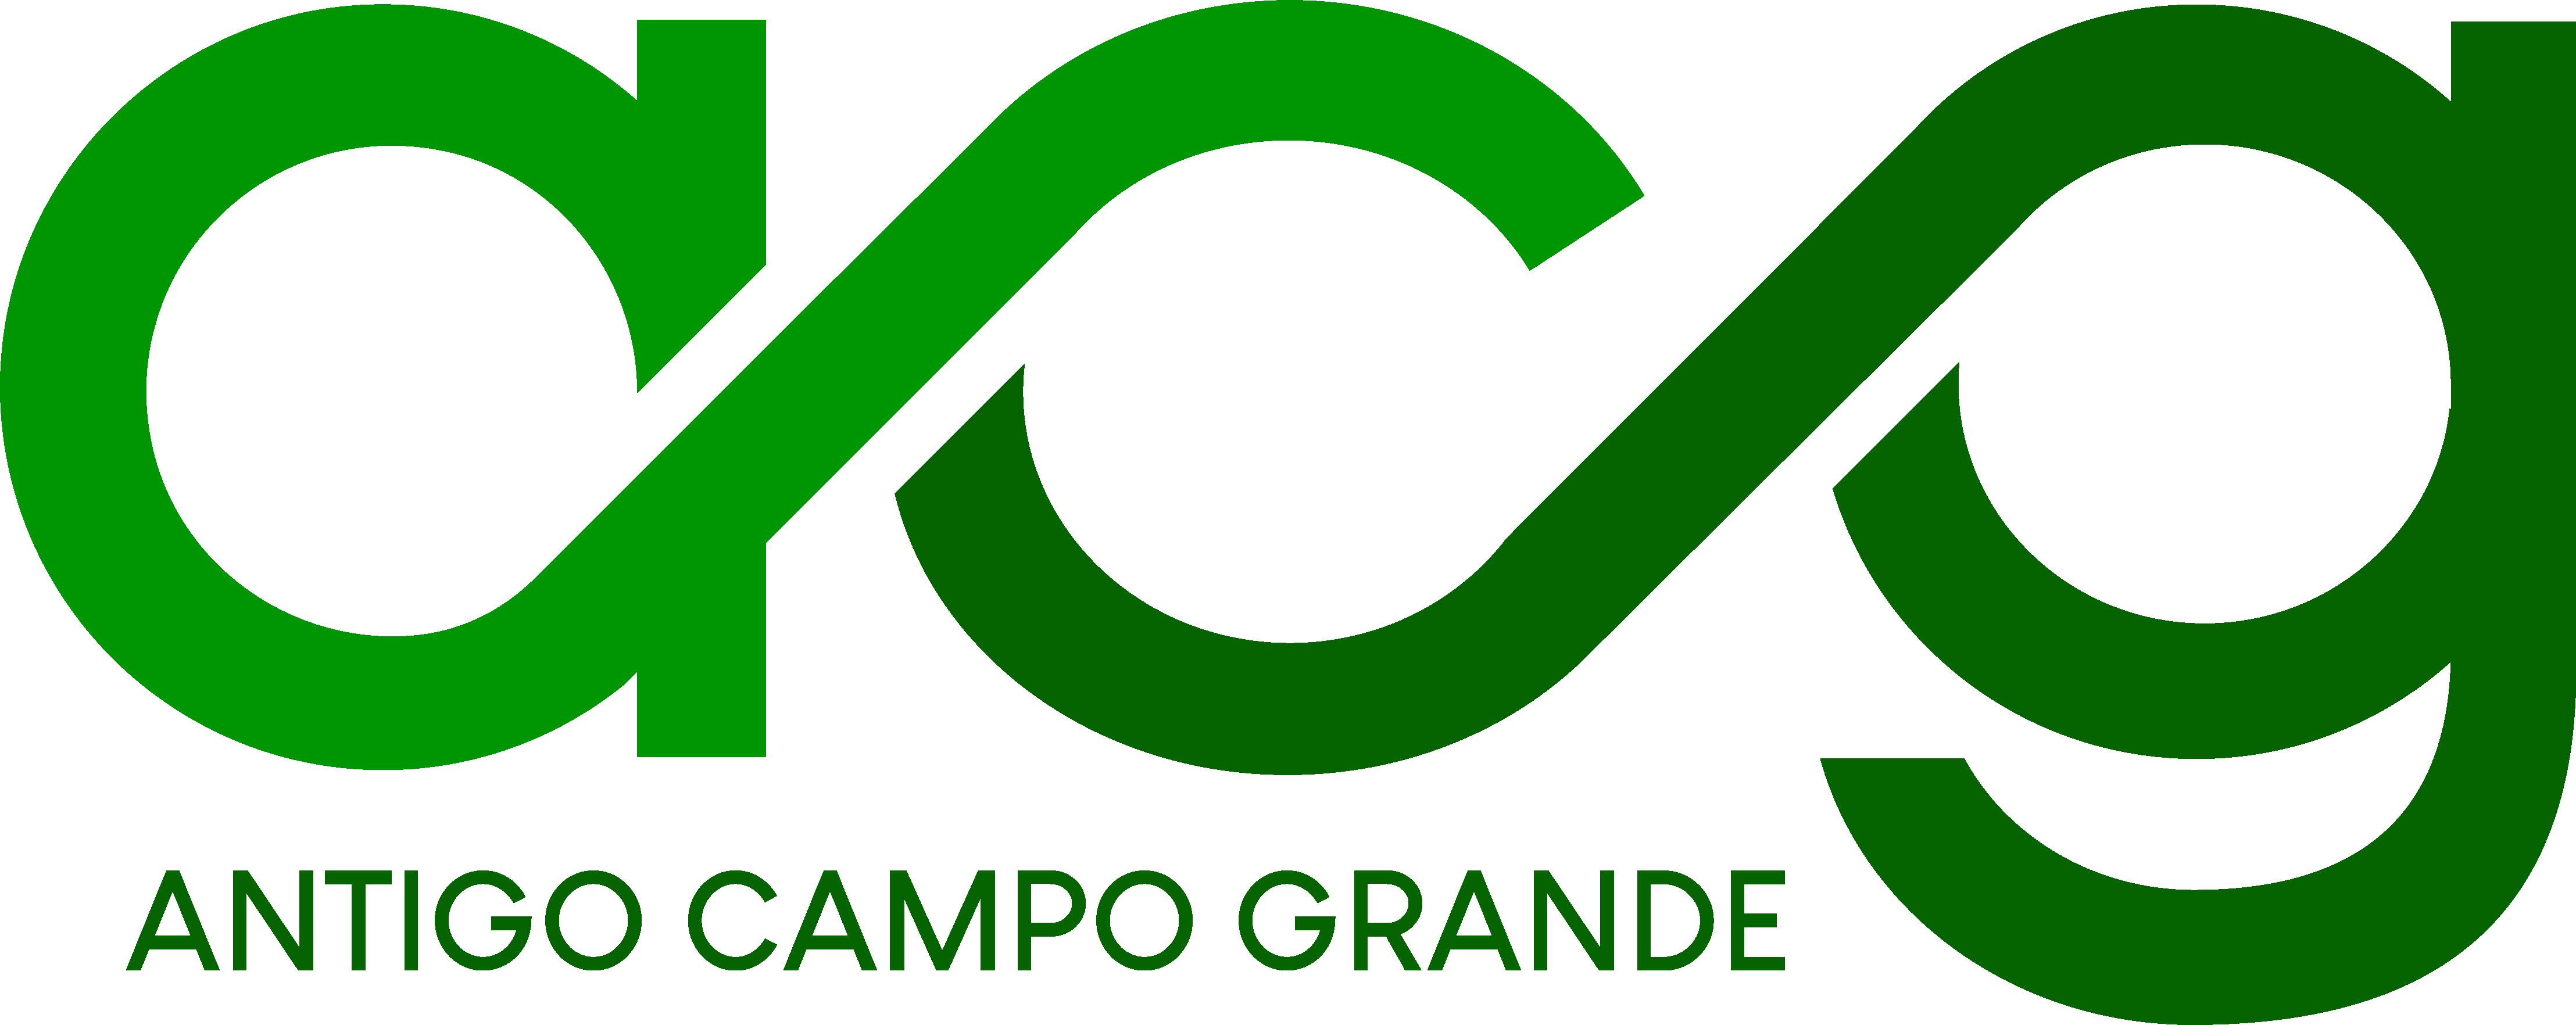 Portal do Antigo Campo Grande